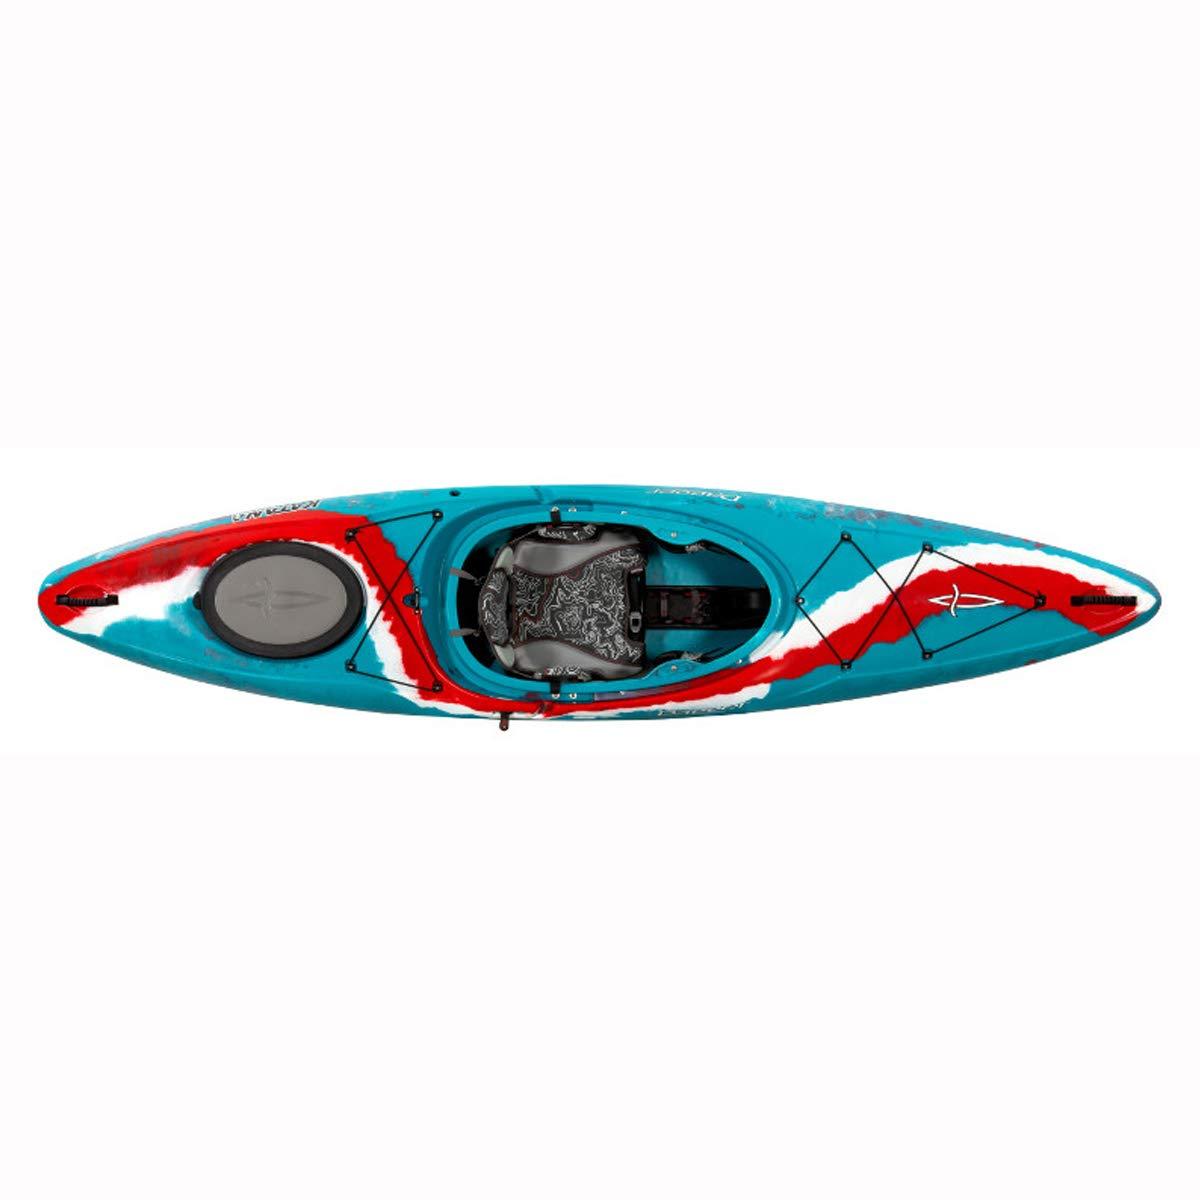 Dagger Katana 10.4 Kayak Aqua-Fresh by Dagger